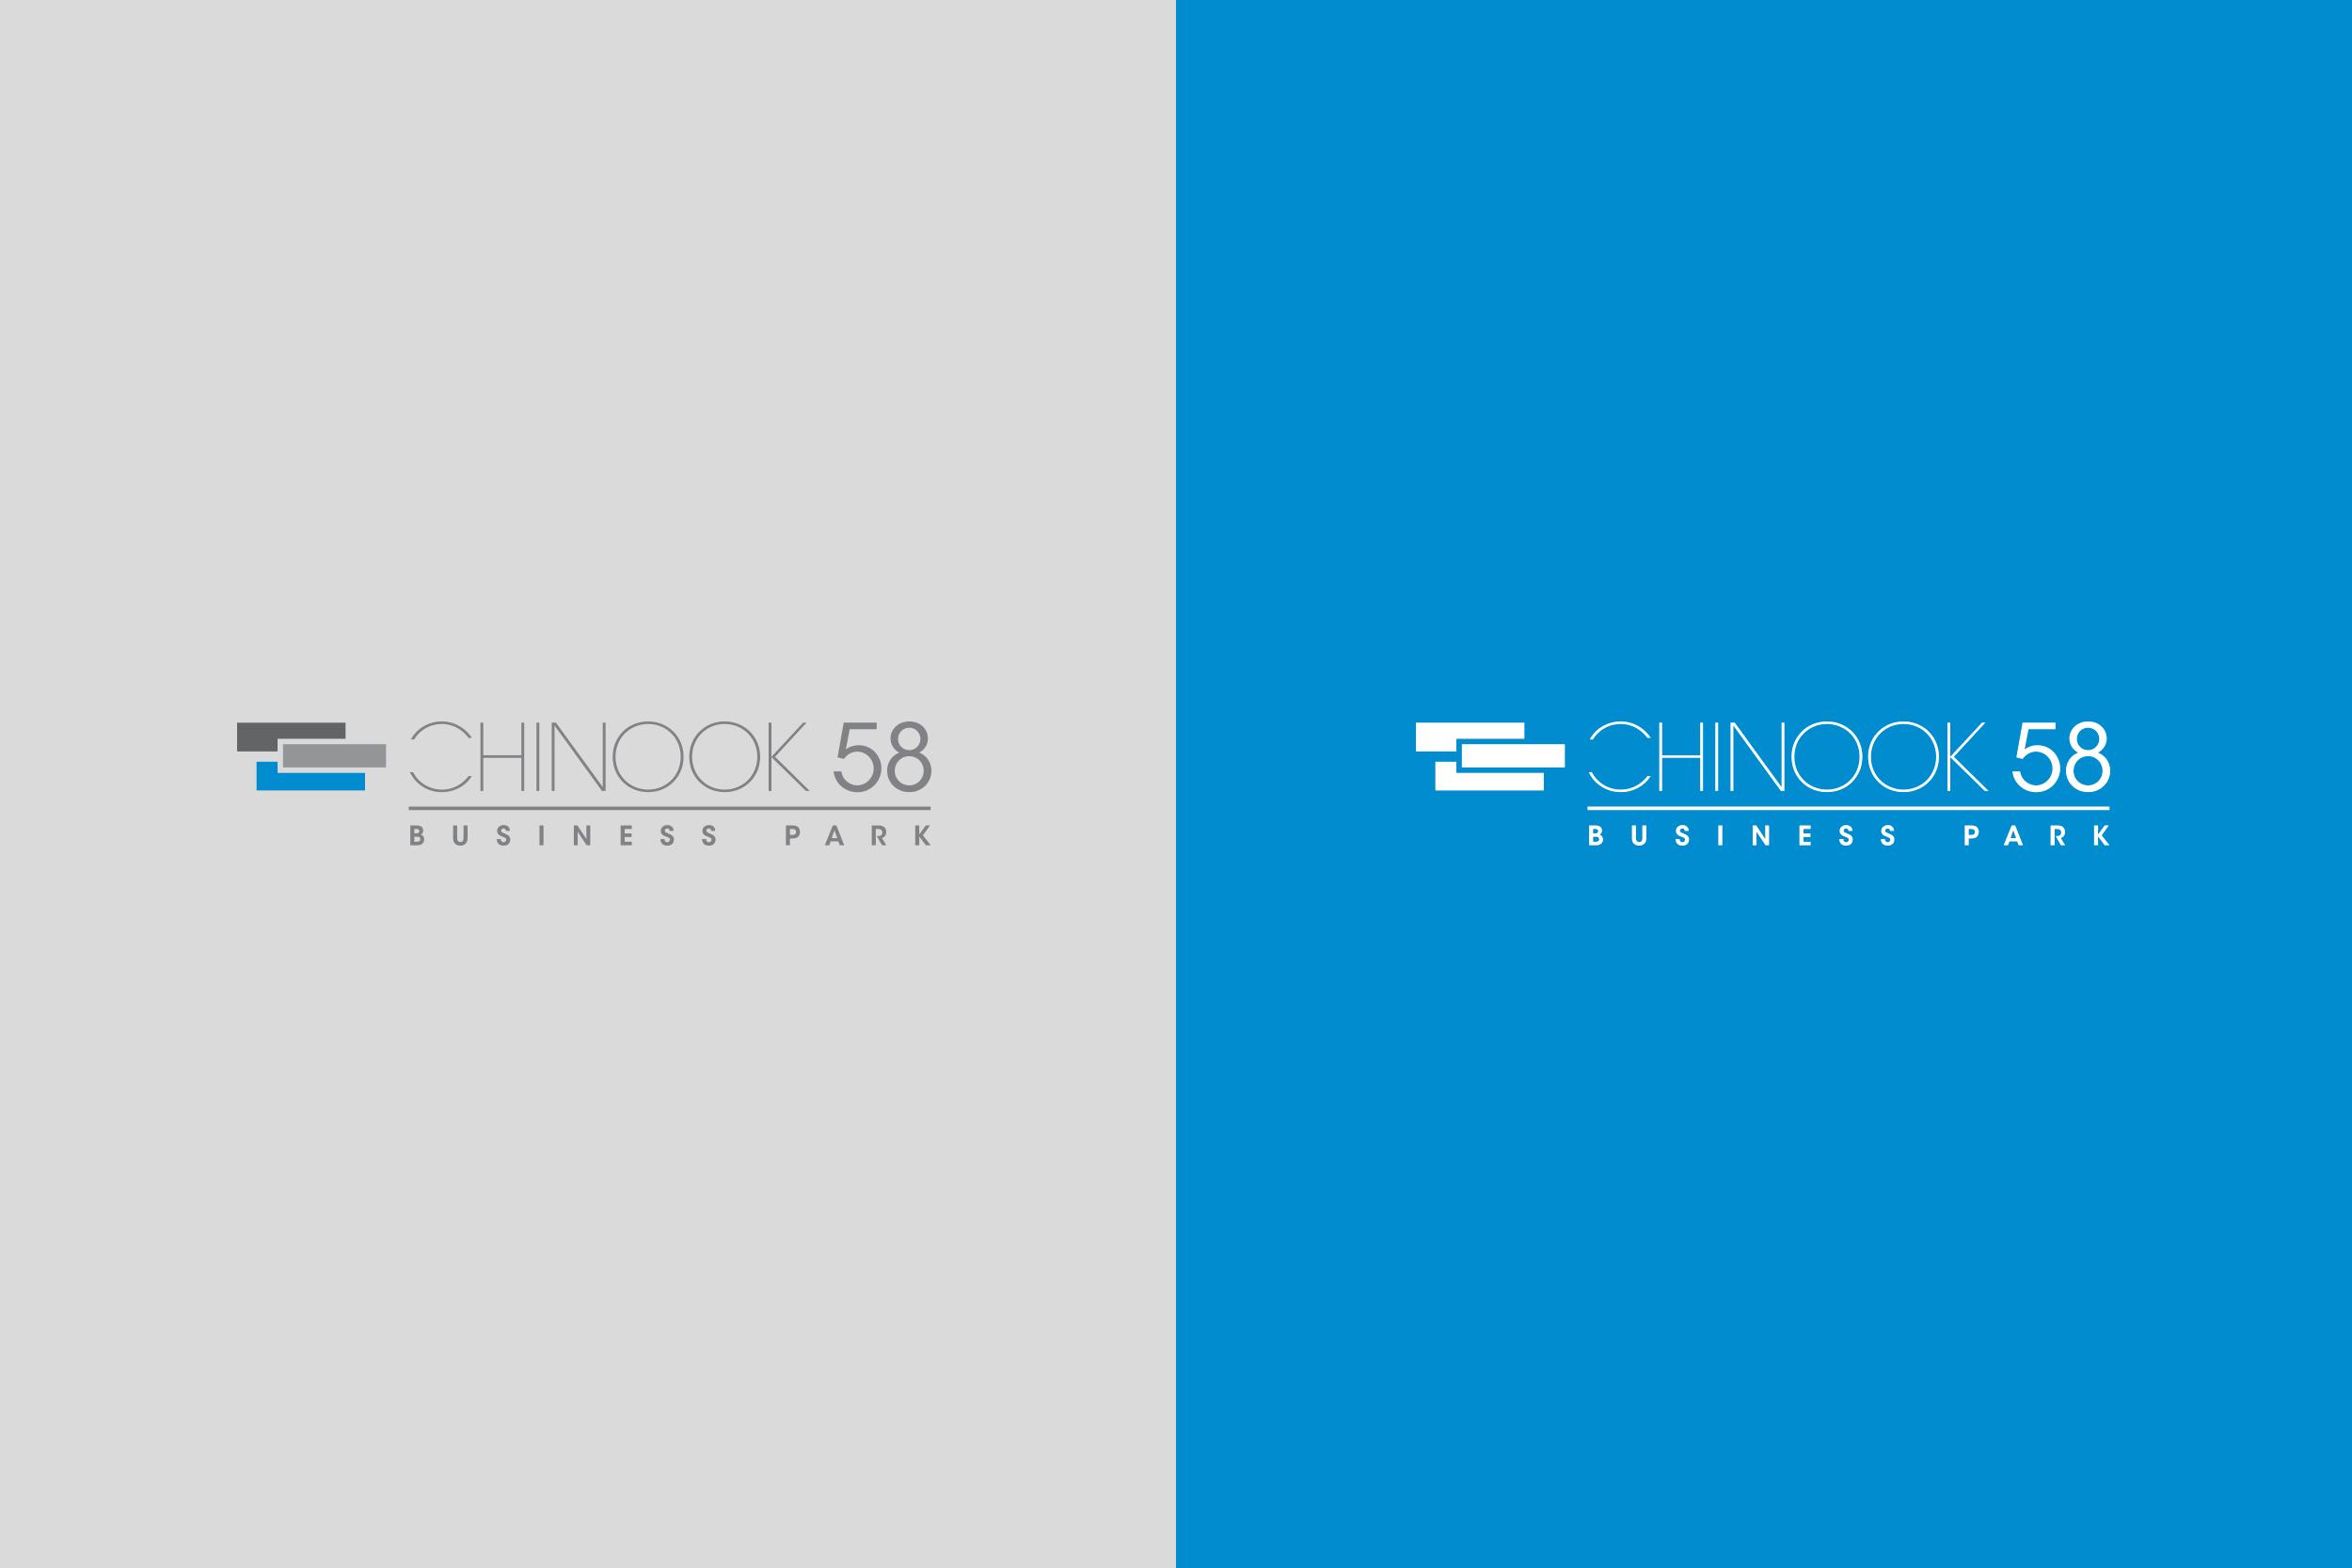 chinook5